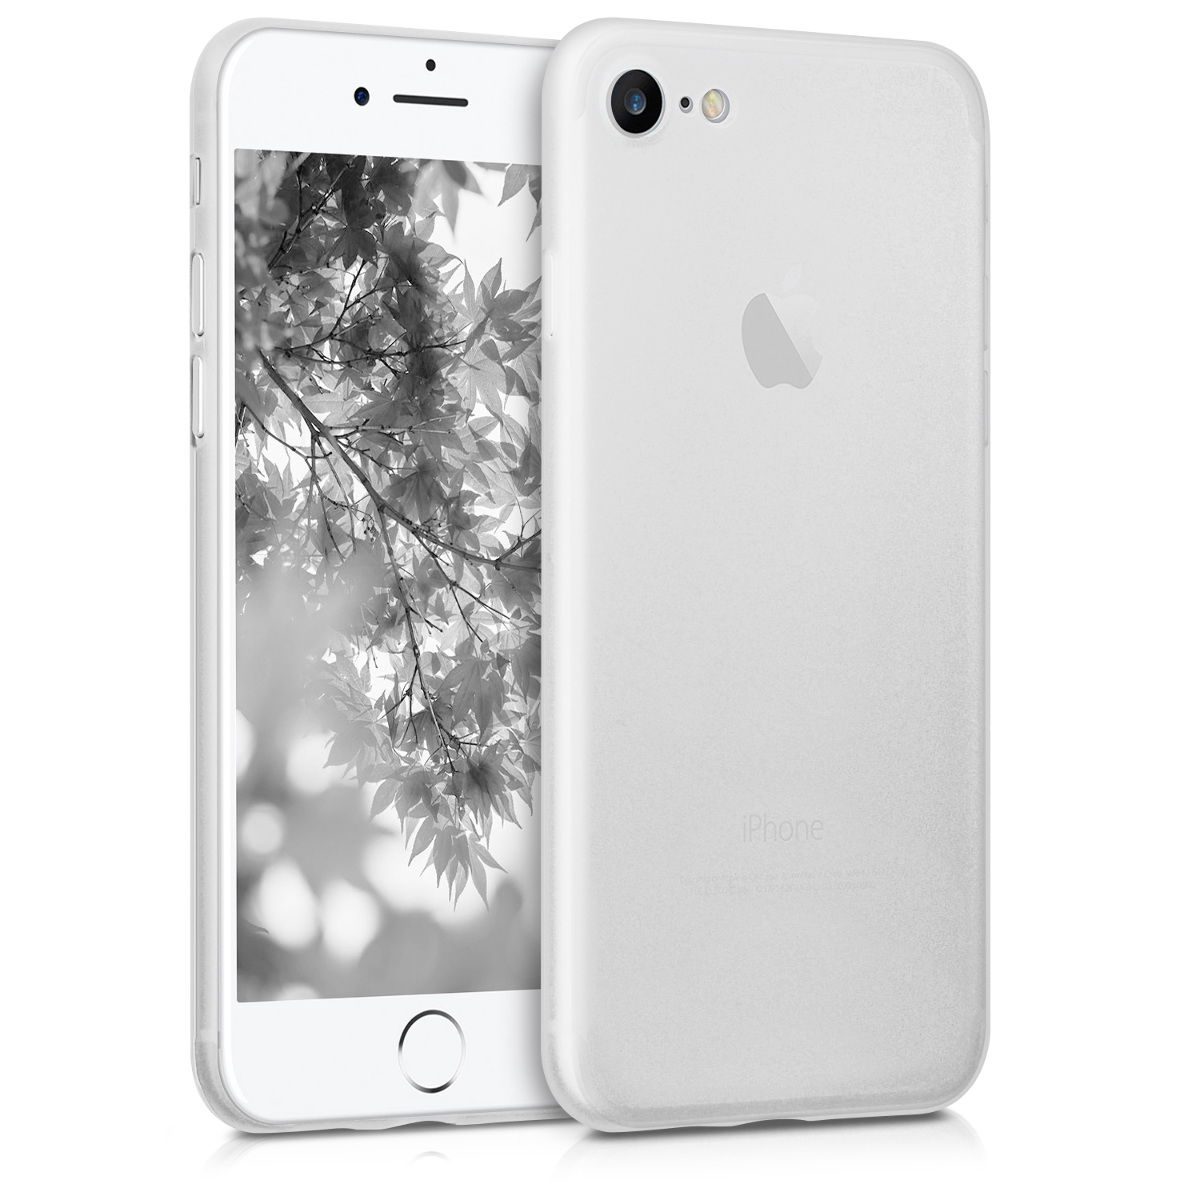 Kvalitní plastové pouzdro pro Apple iPhone 7 / 8 / SE  - Matte Transparent